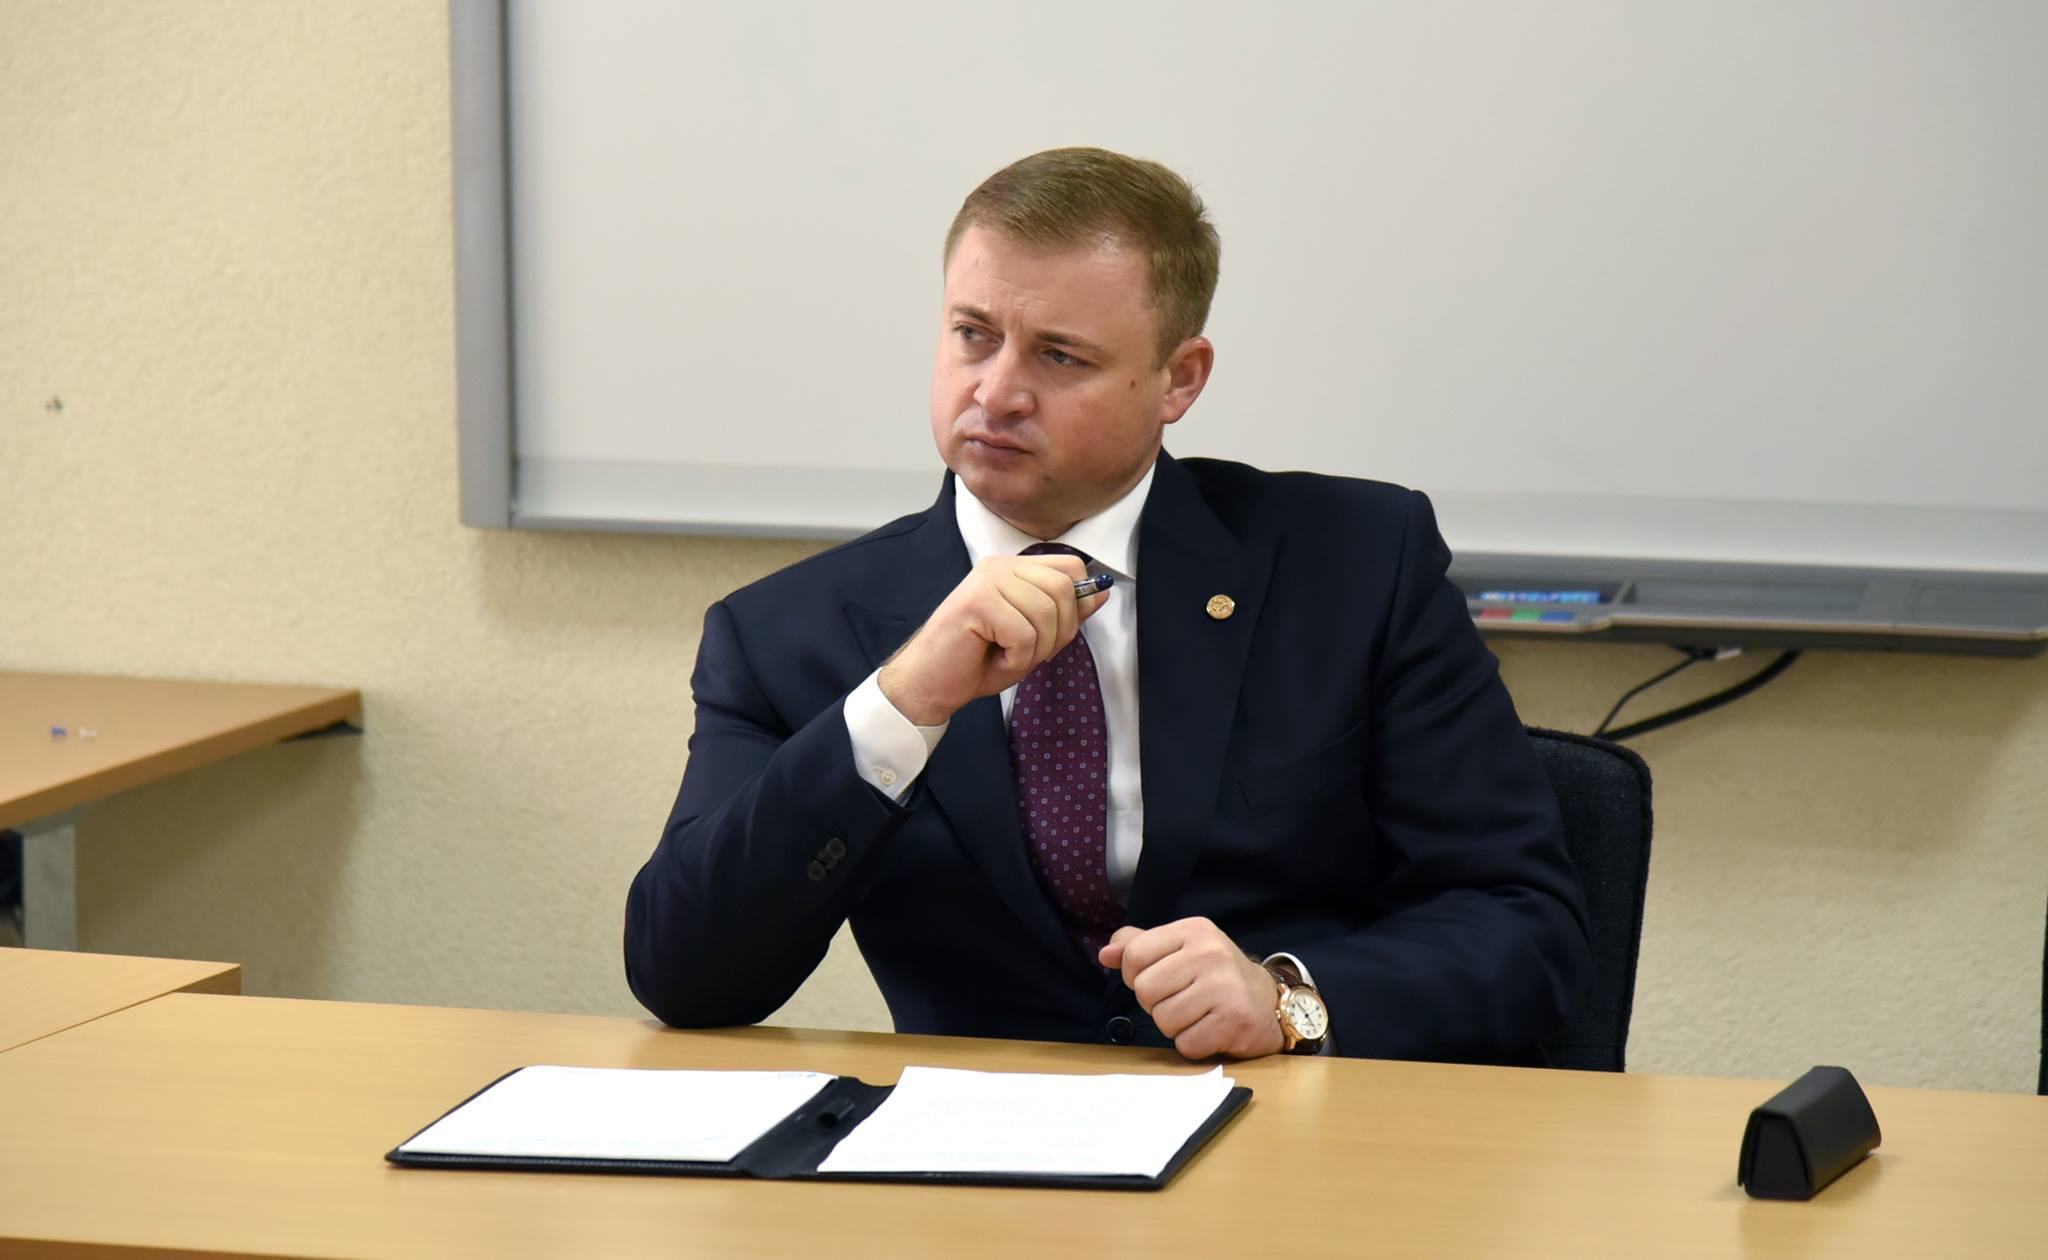 Premieră pentru Republica Moldova! Un partid politic își asumă responsabilitatea să…